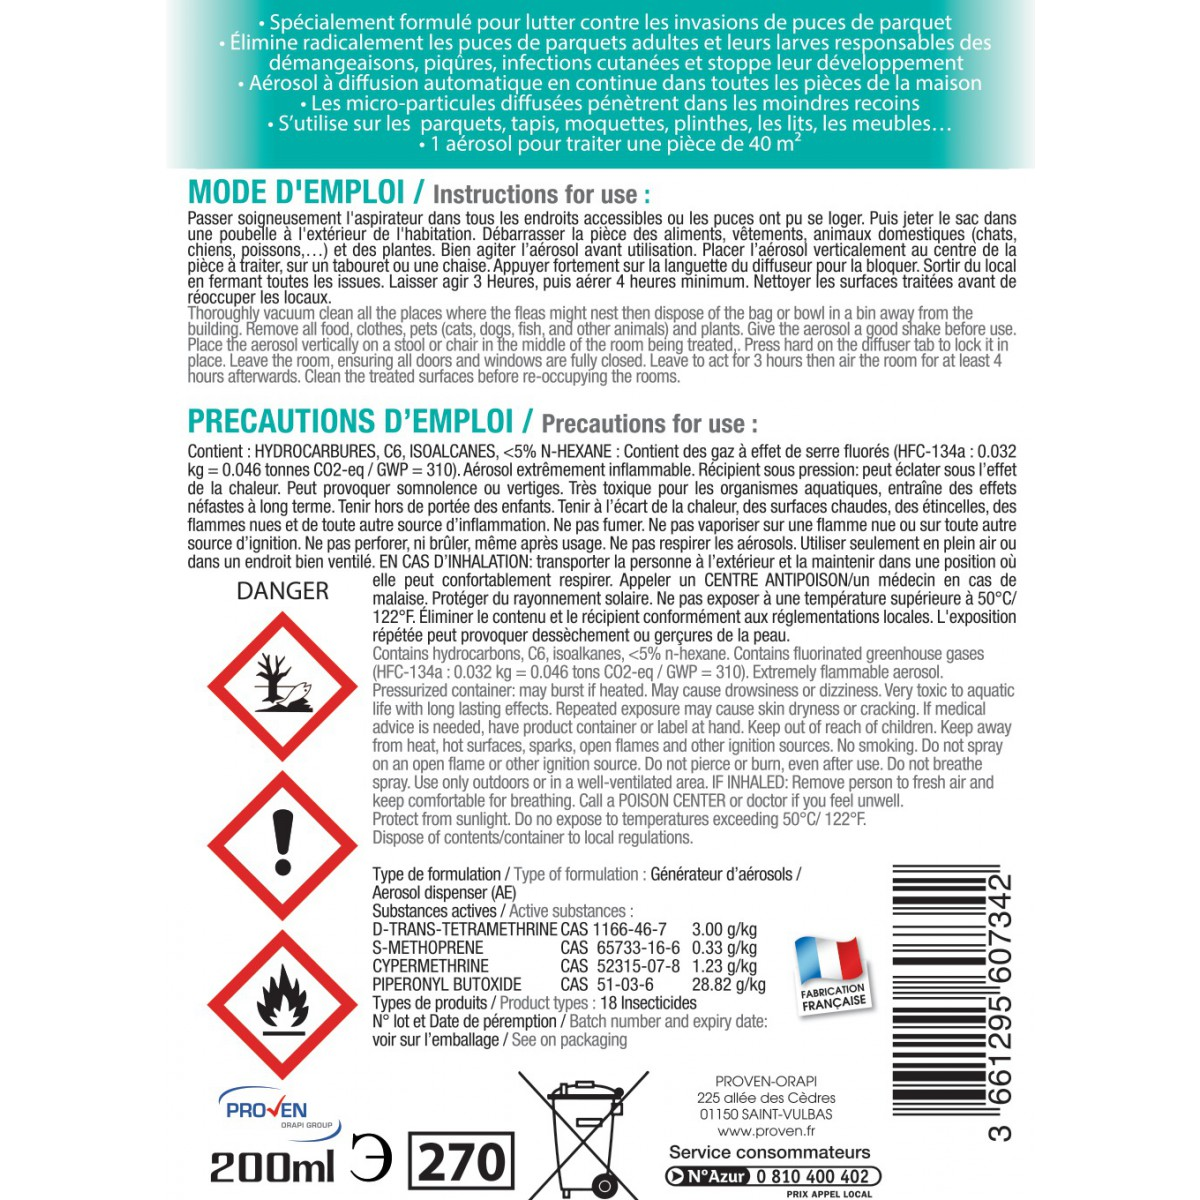 Anti puces de parquets Wyritol - Aérosol 200 ml